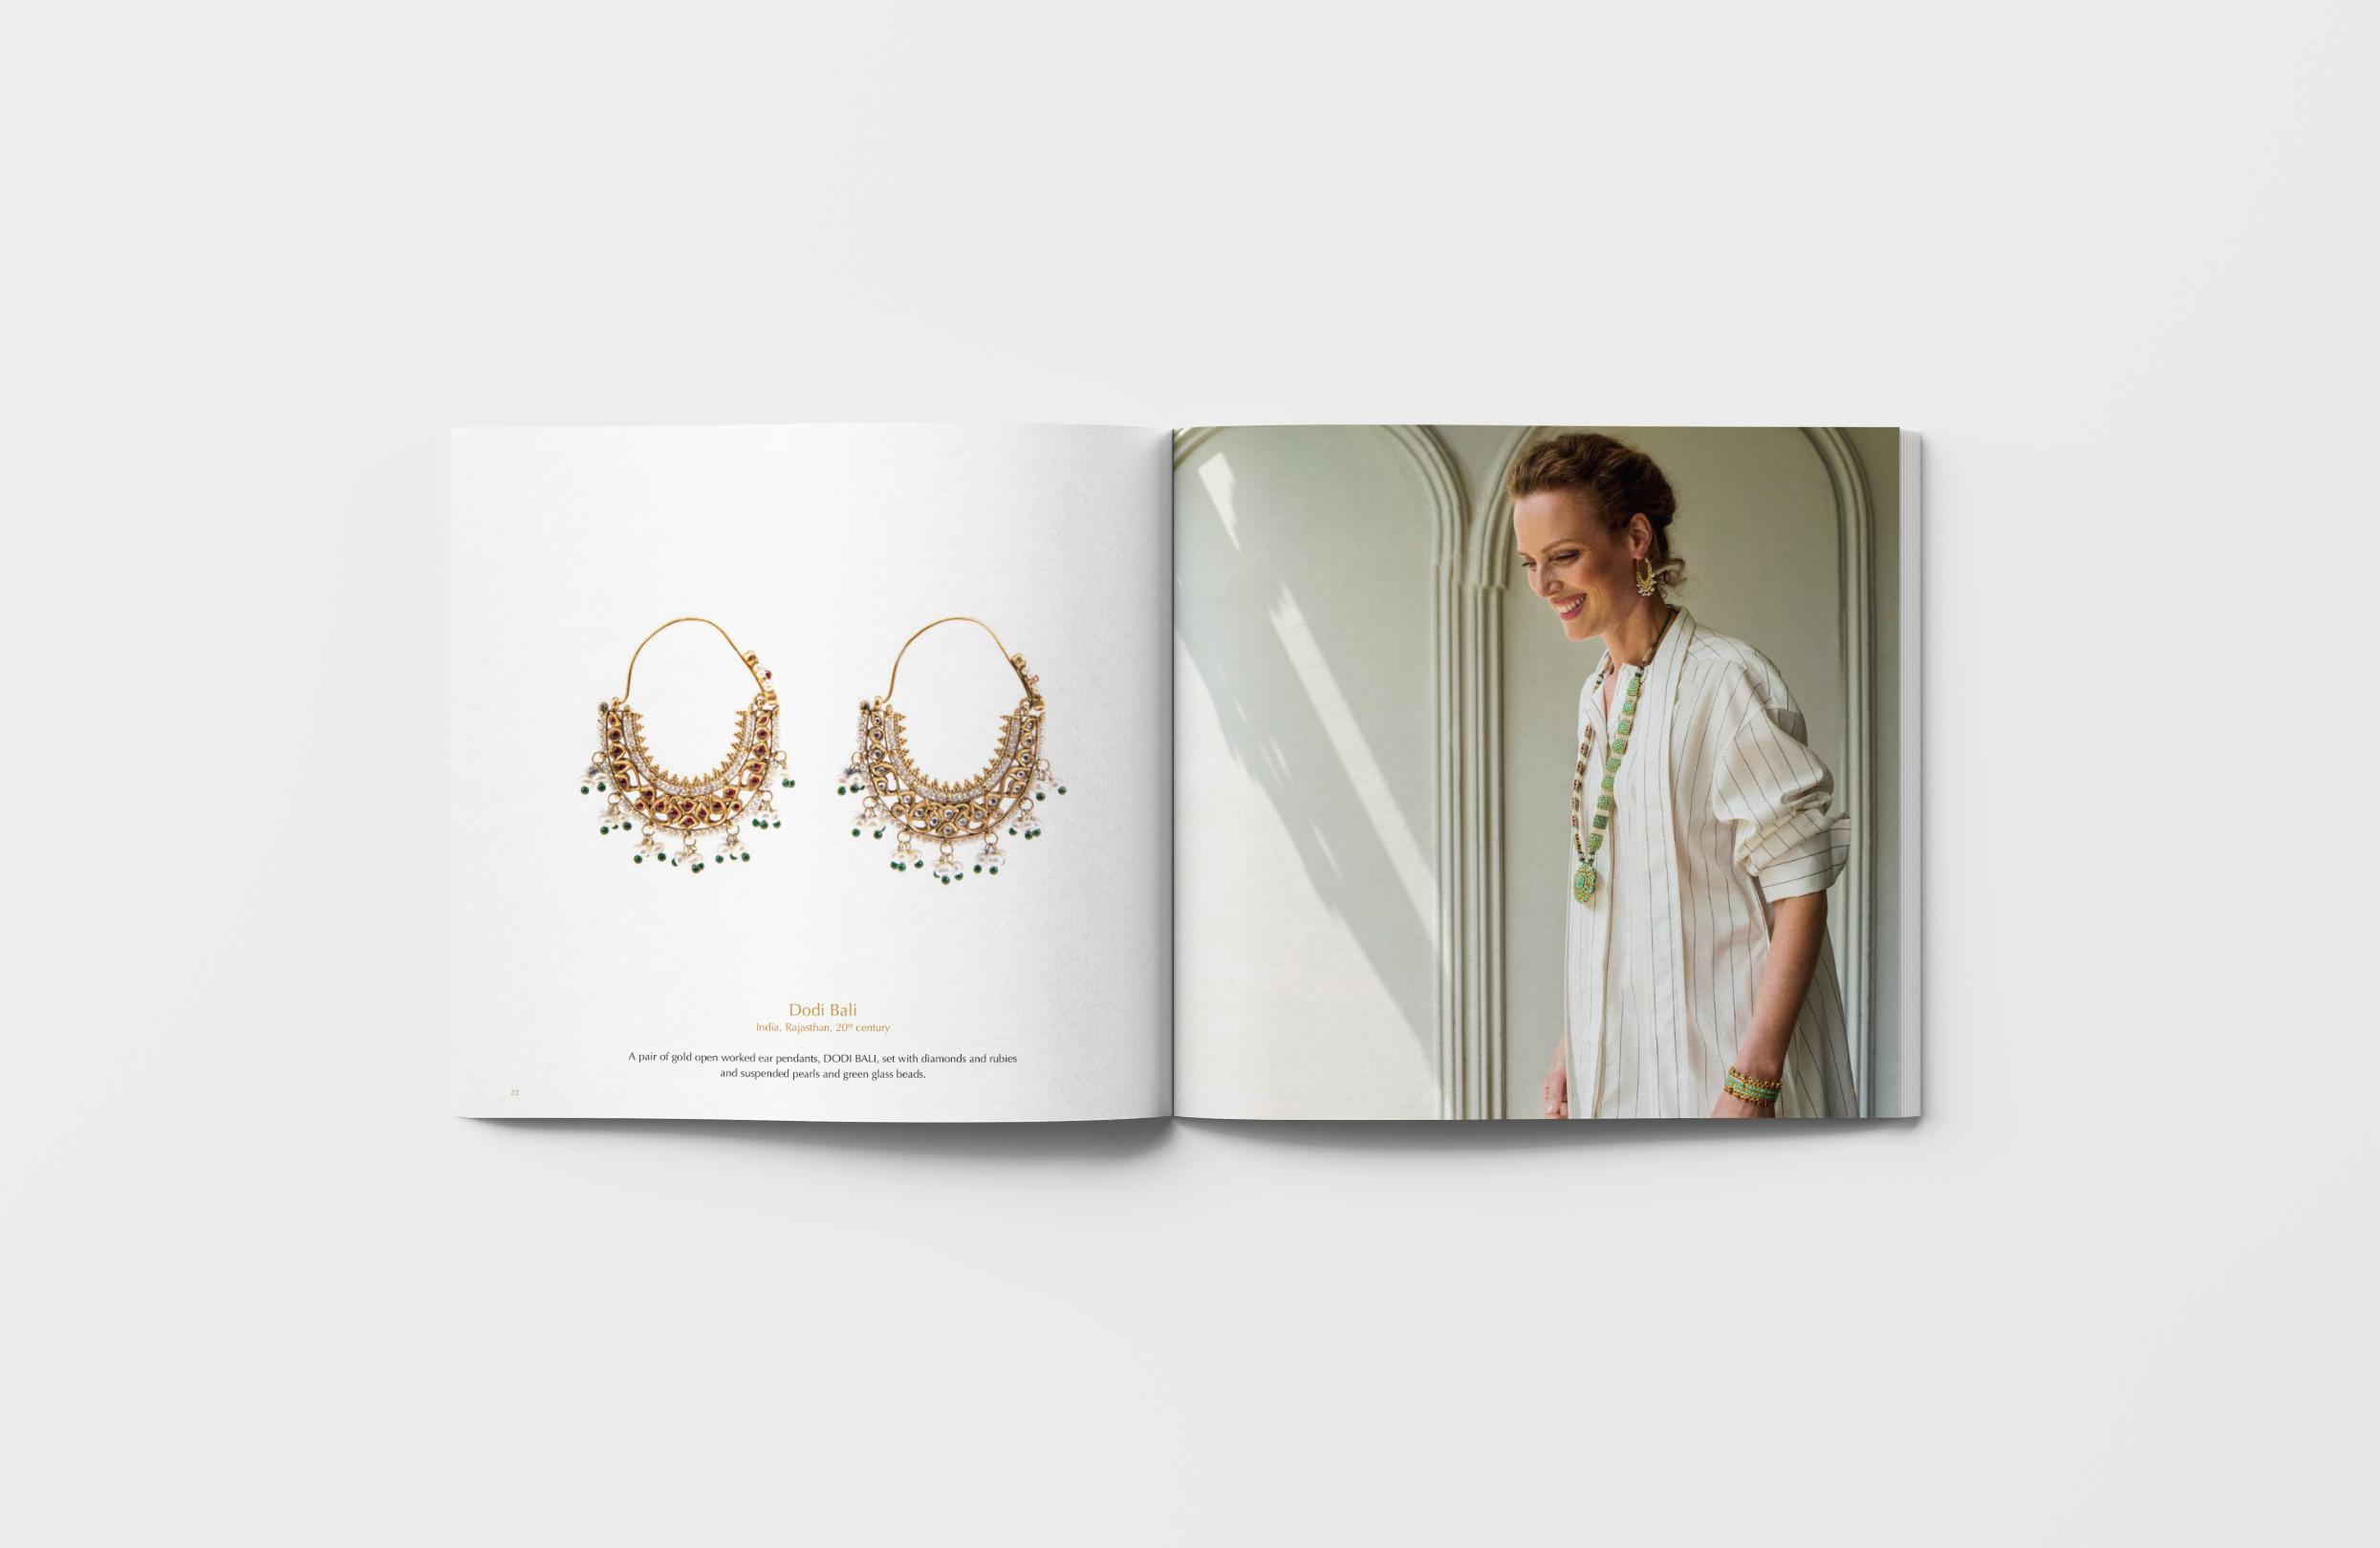 36-Van-Gelder-Jewellery_2